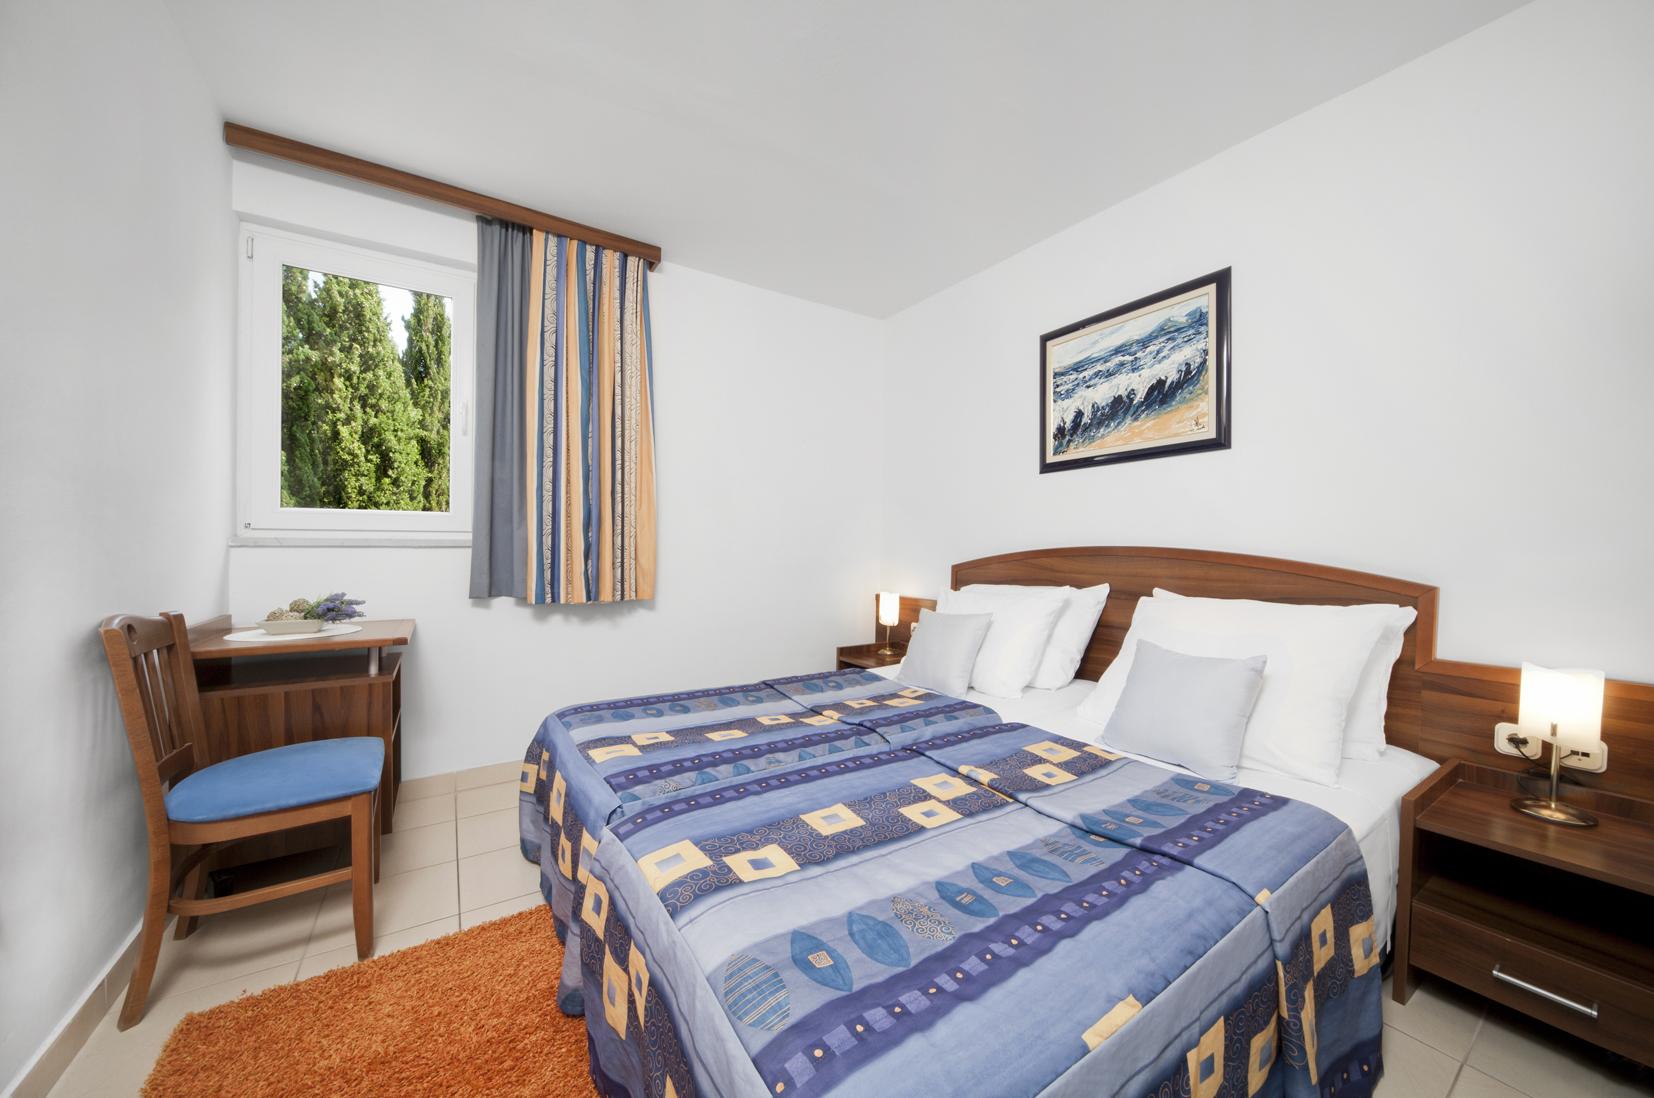 Borak_Family_Room_Bedroom_WIDE